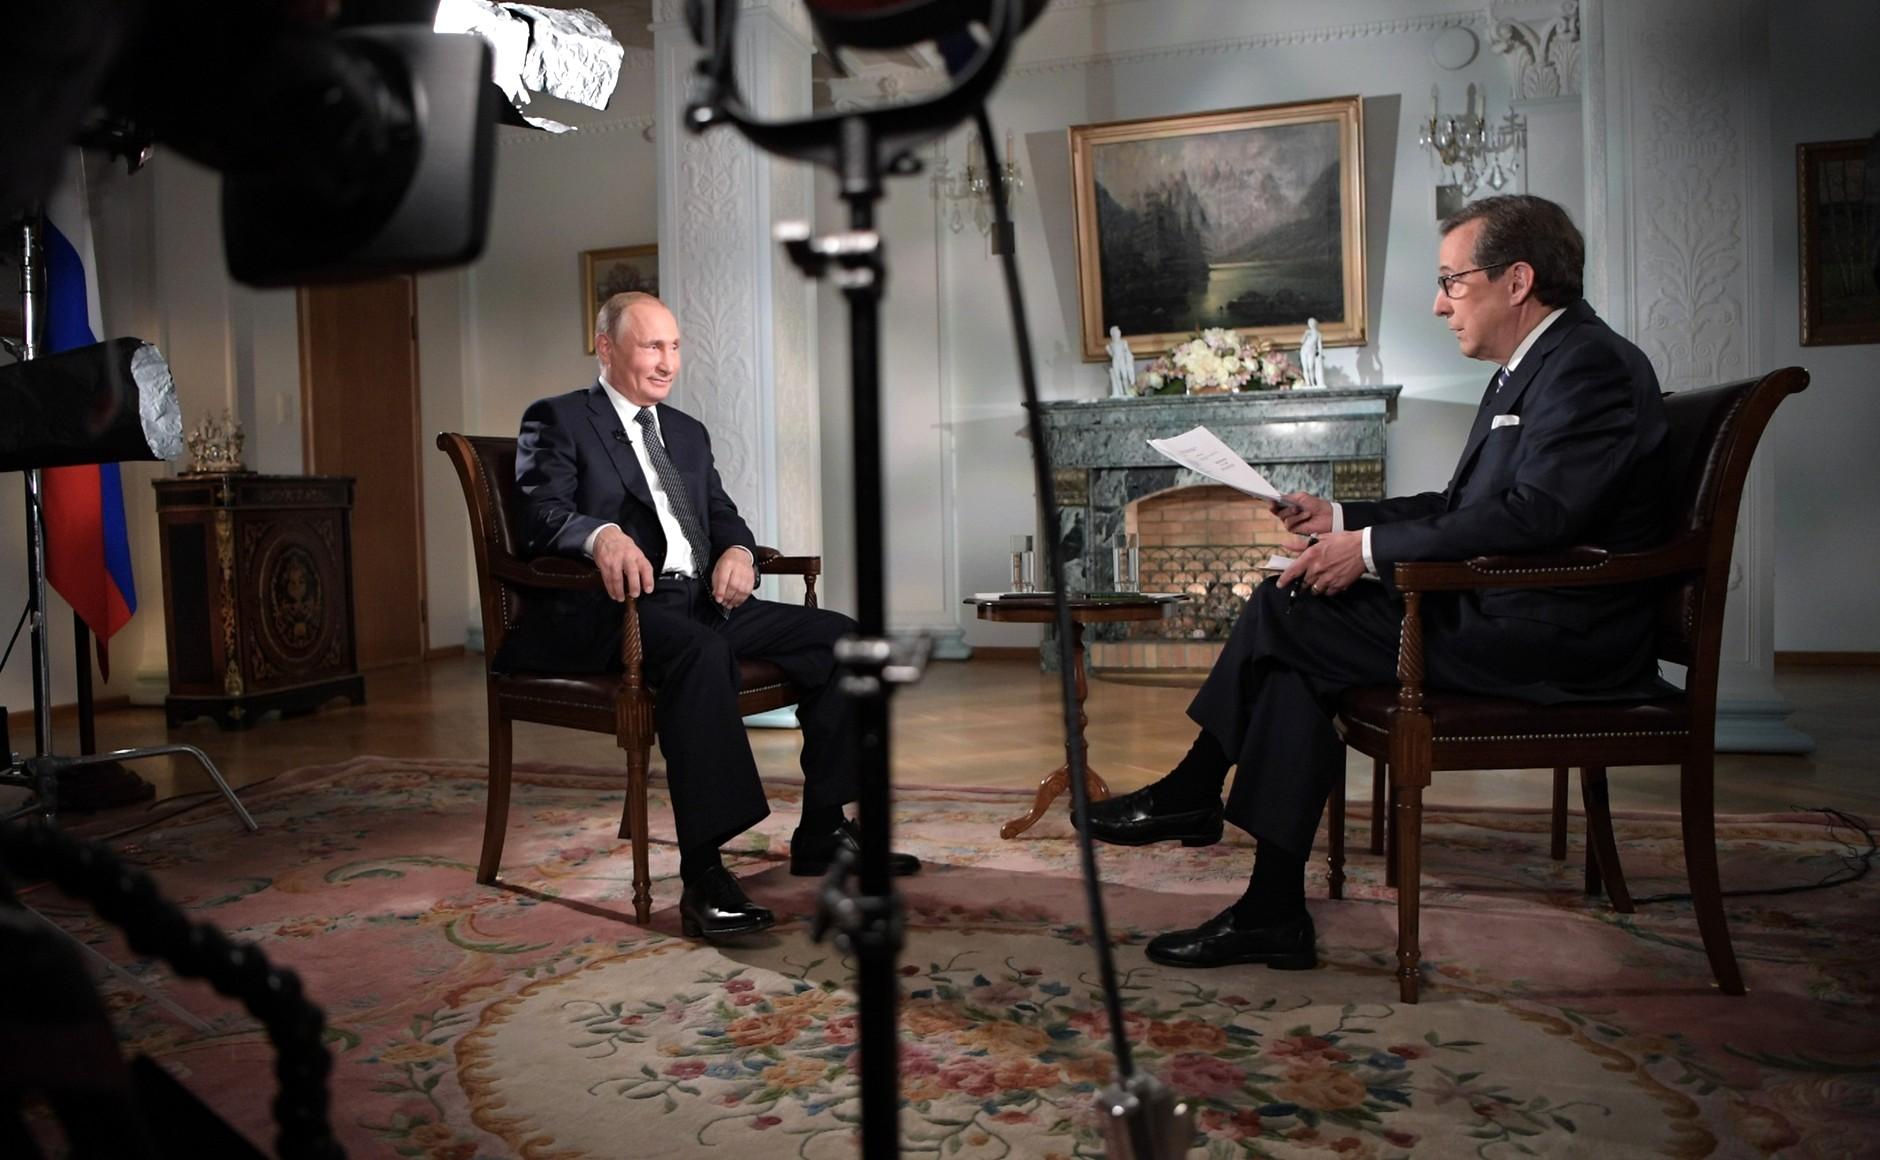 Россия отрицательно отнеслась бы к включению в НАТО Грузии и Украины. Владимир Путин ответил на вопросы журналиста телеканала Fox News